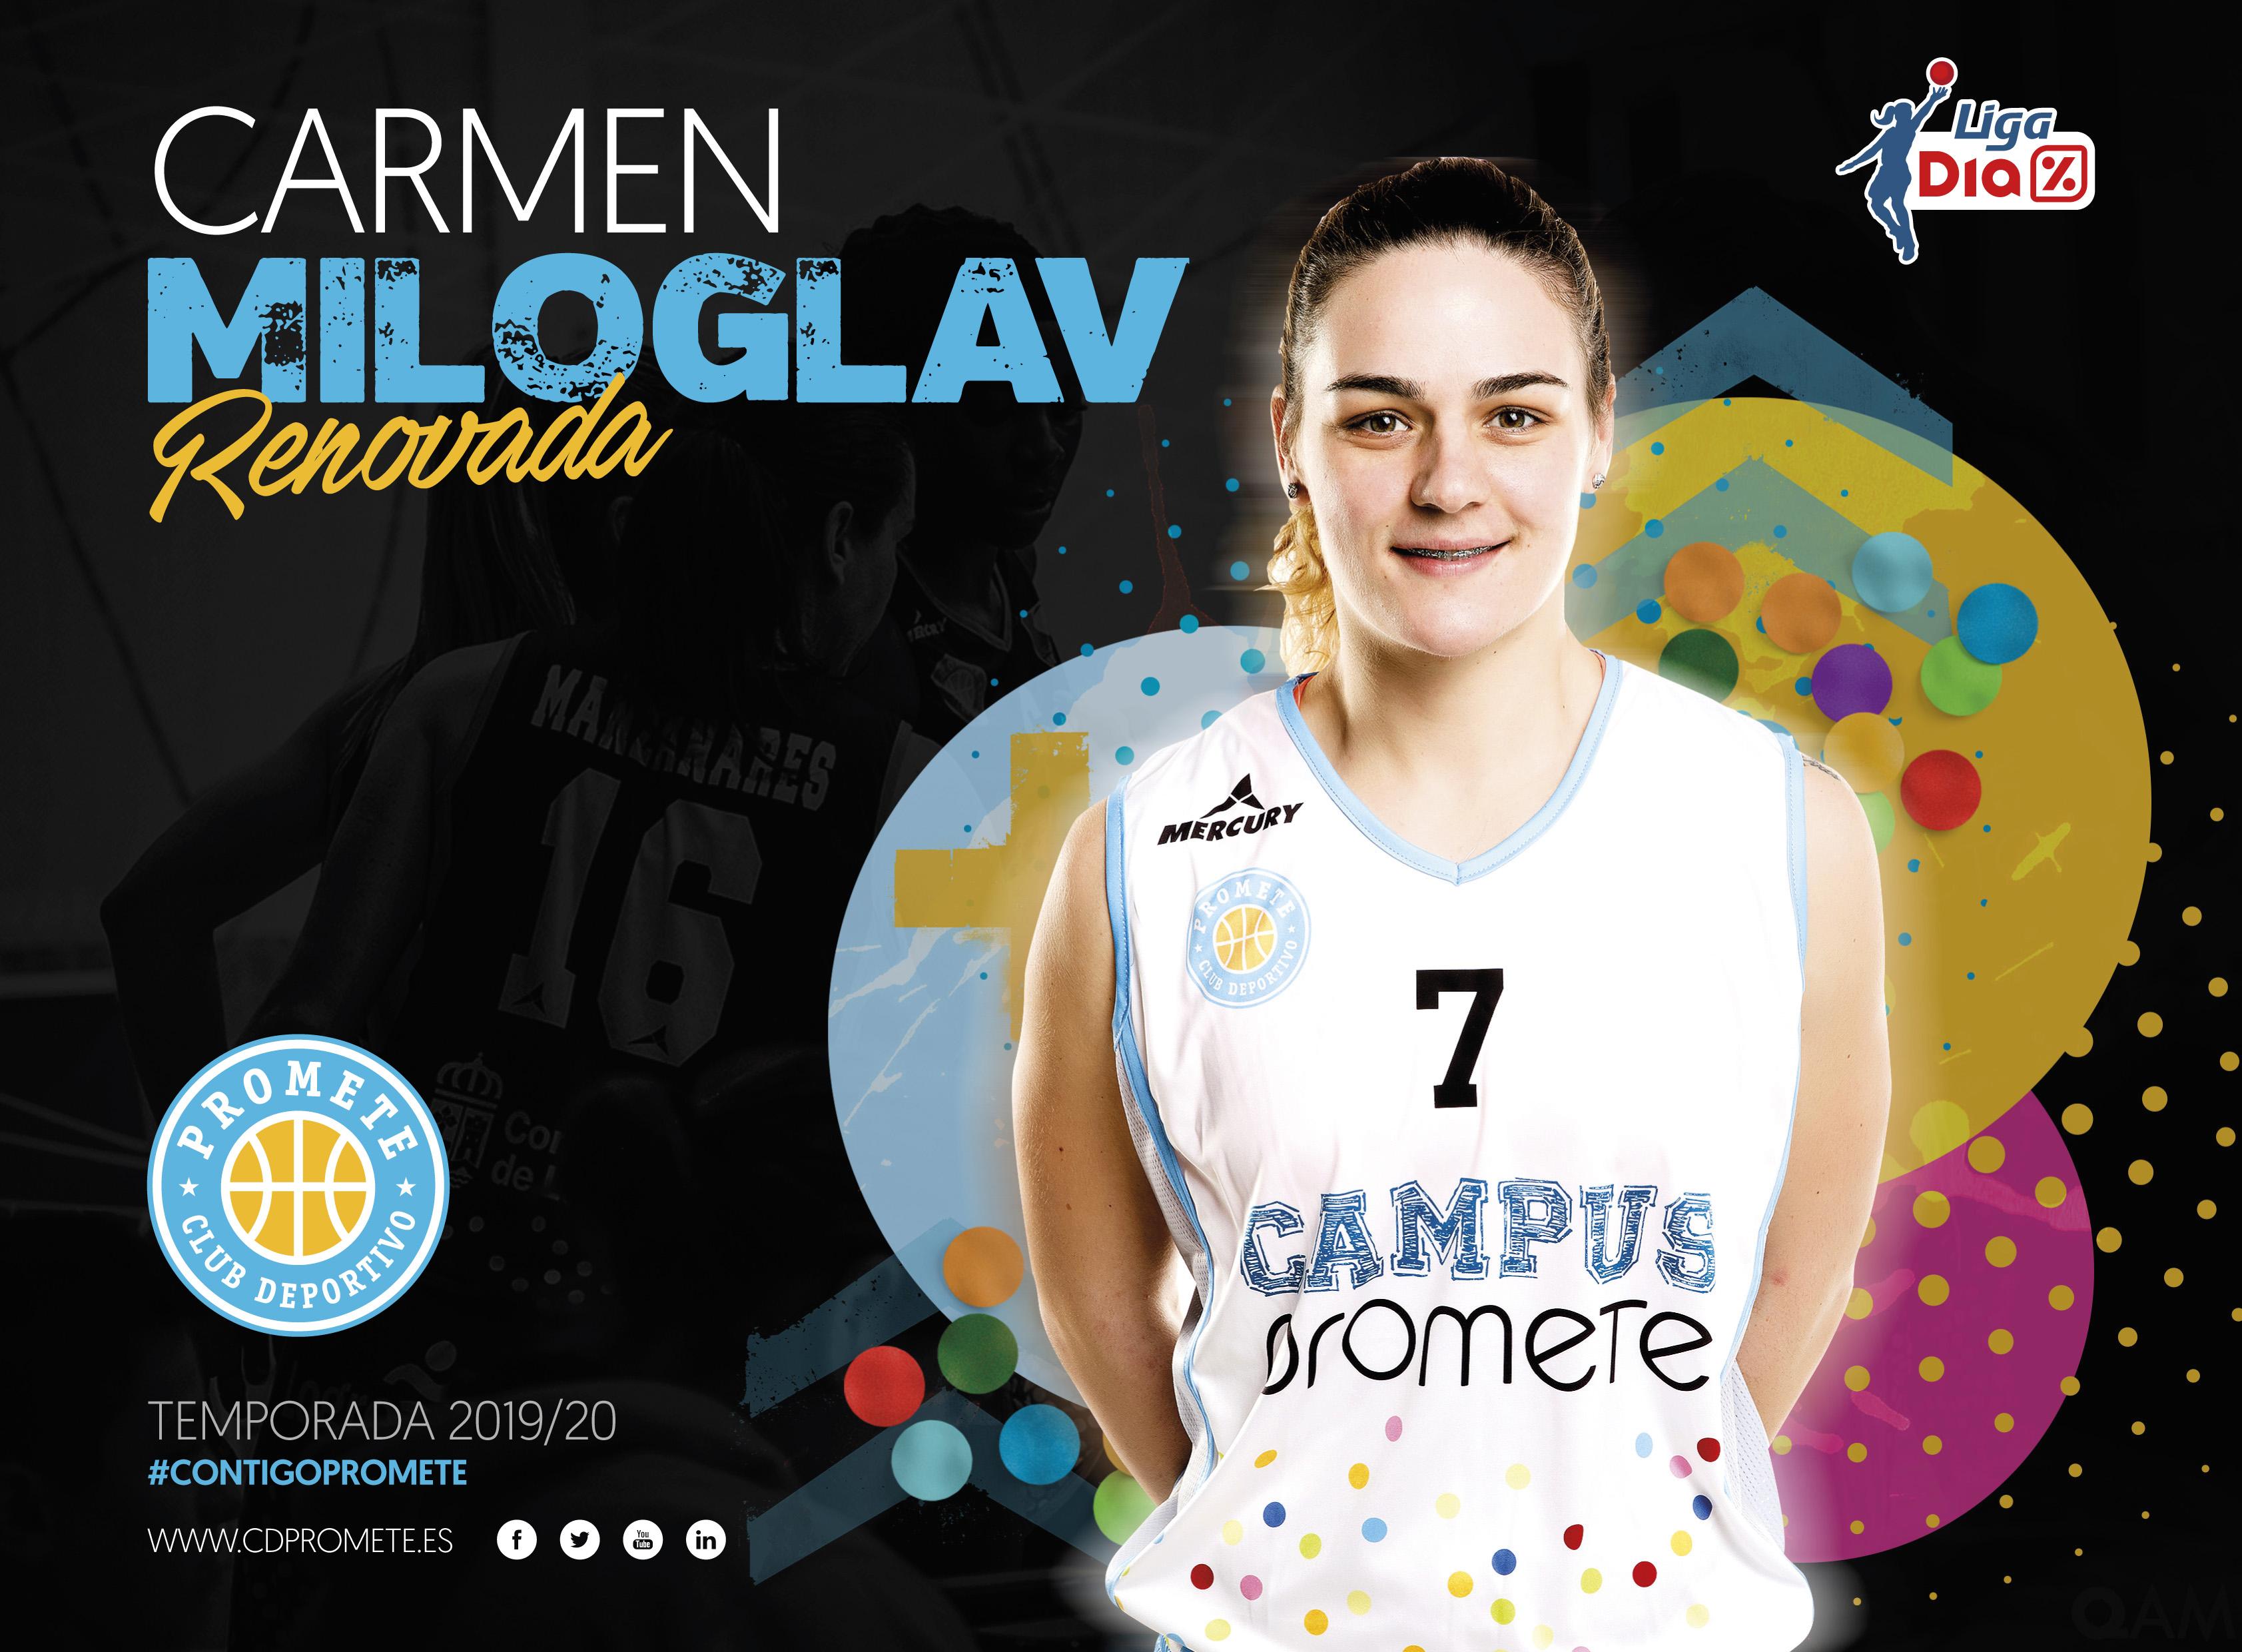 Carmen Miloglav, quinta renovación del Campus Promete